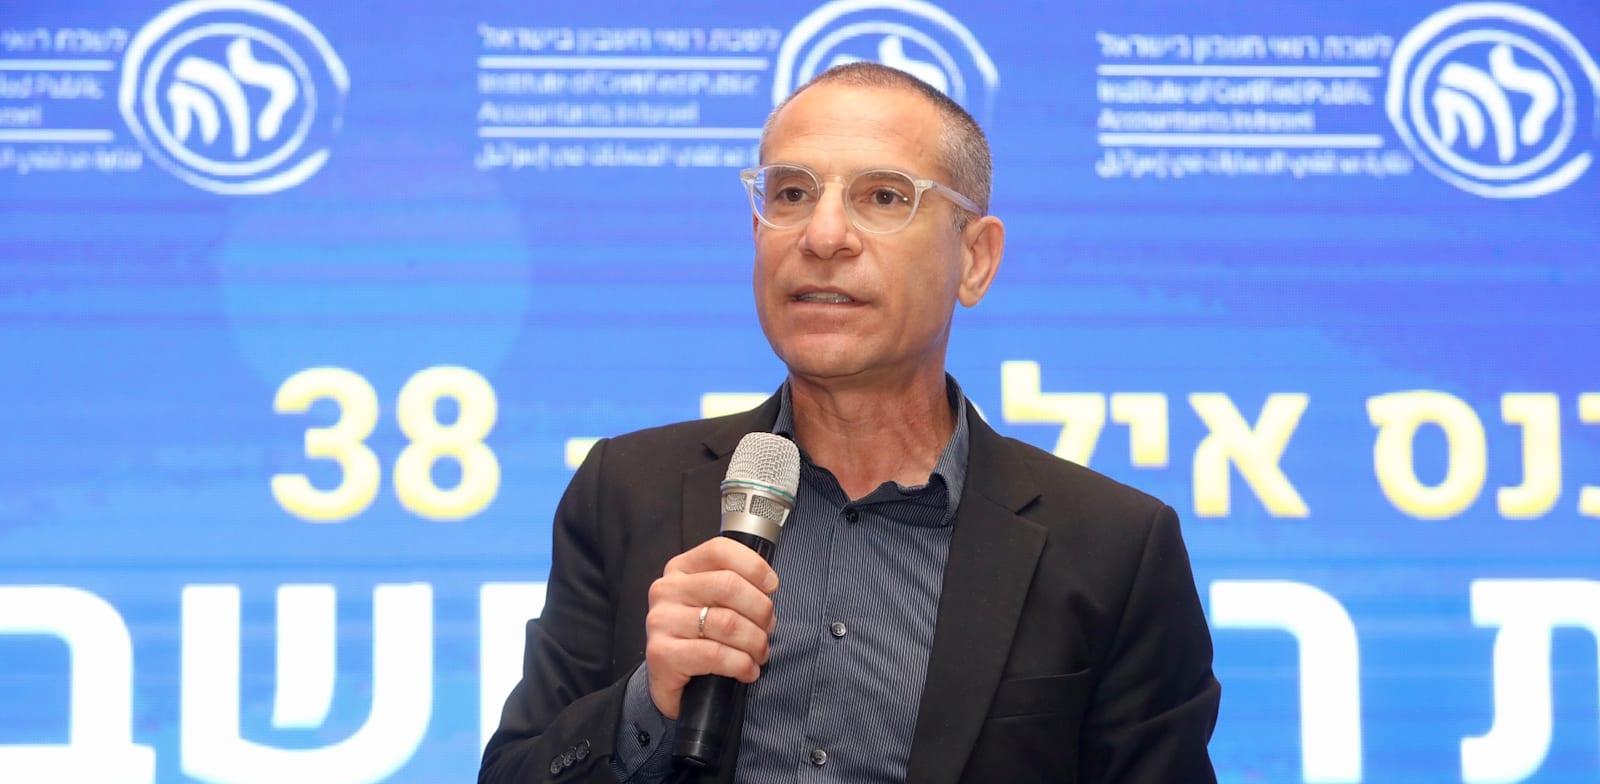 ערן יעקב מנהל רשות המיסים בכנס הכלכלי של לשכת רואי חשבון באילת / צילום: ניב קנטור